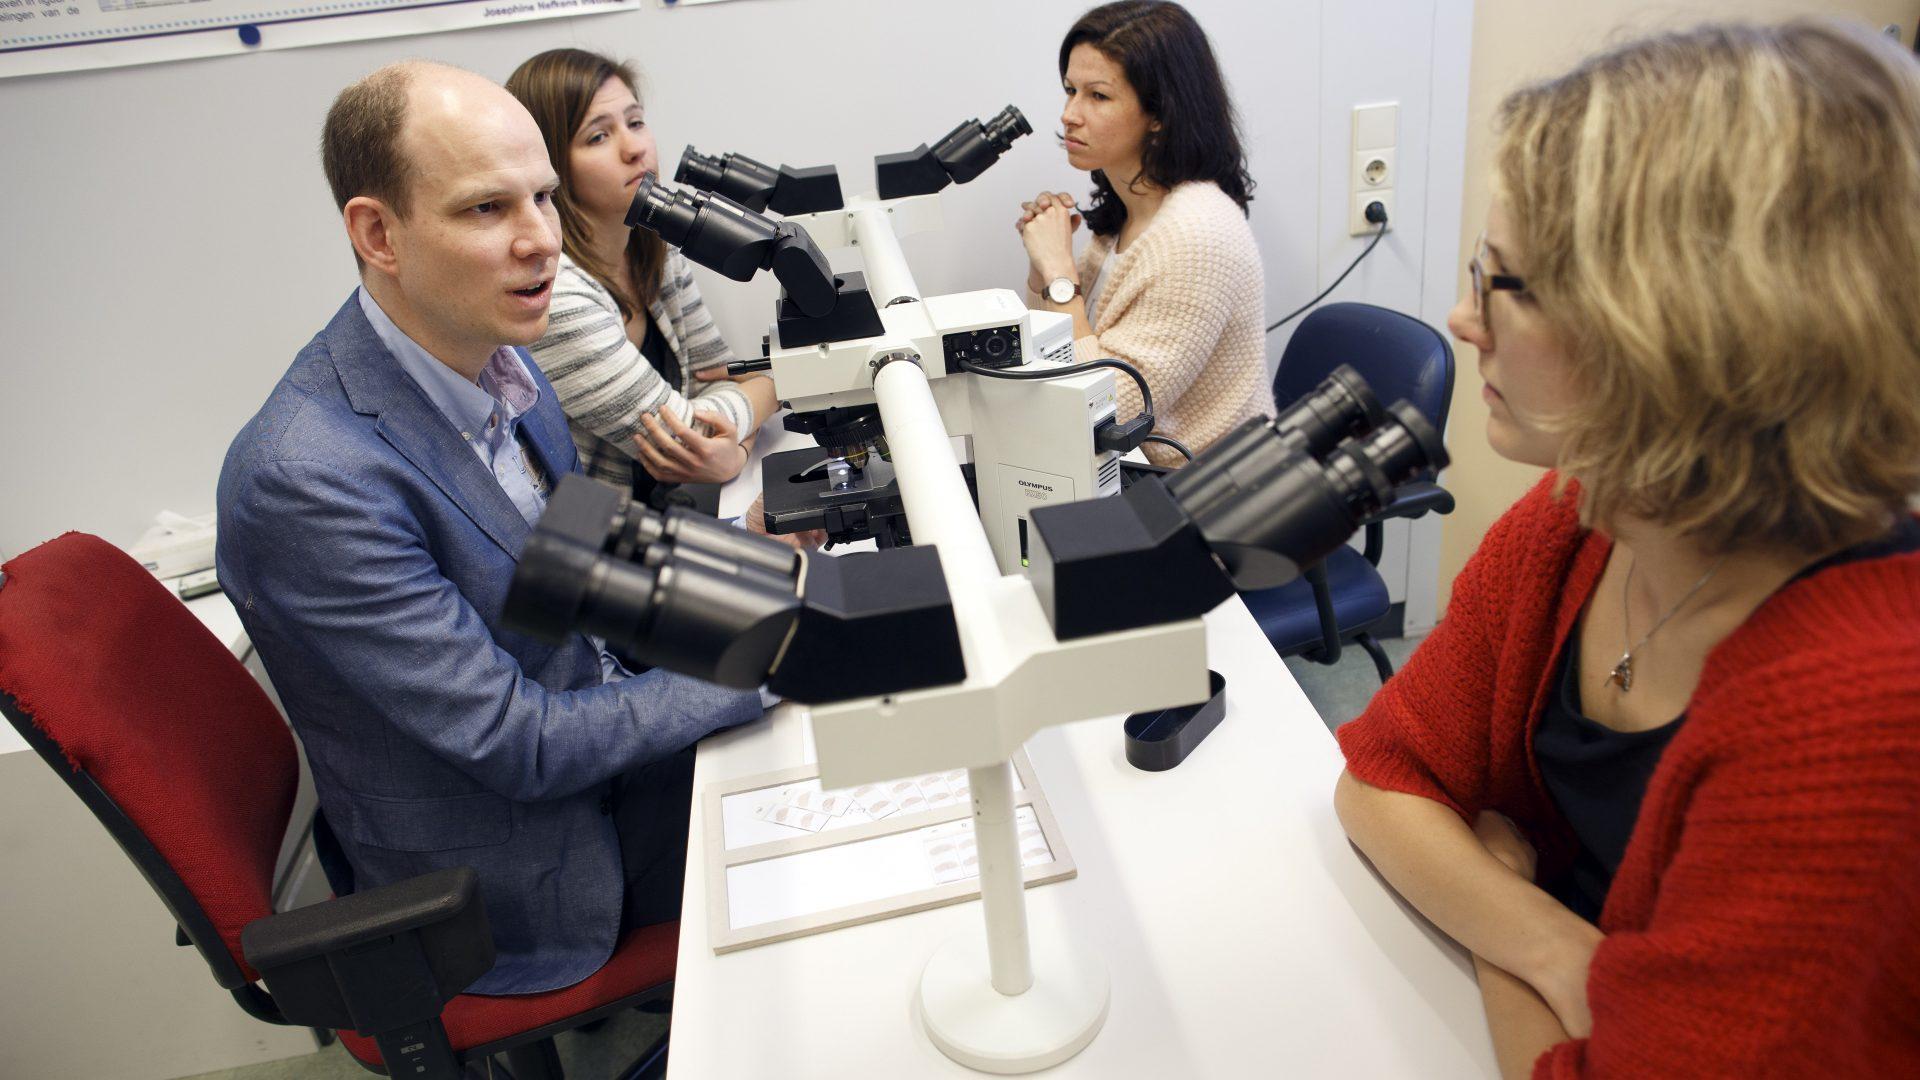 neuroloog Titulaer onderzoekt patiëntenmaqeriaal onder microscoop